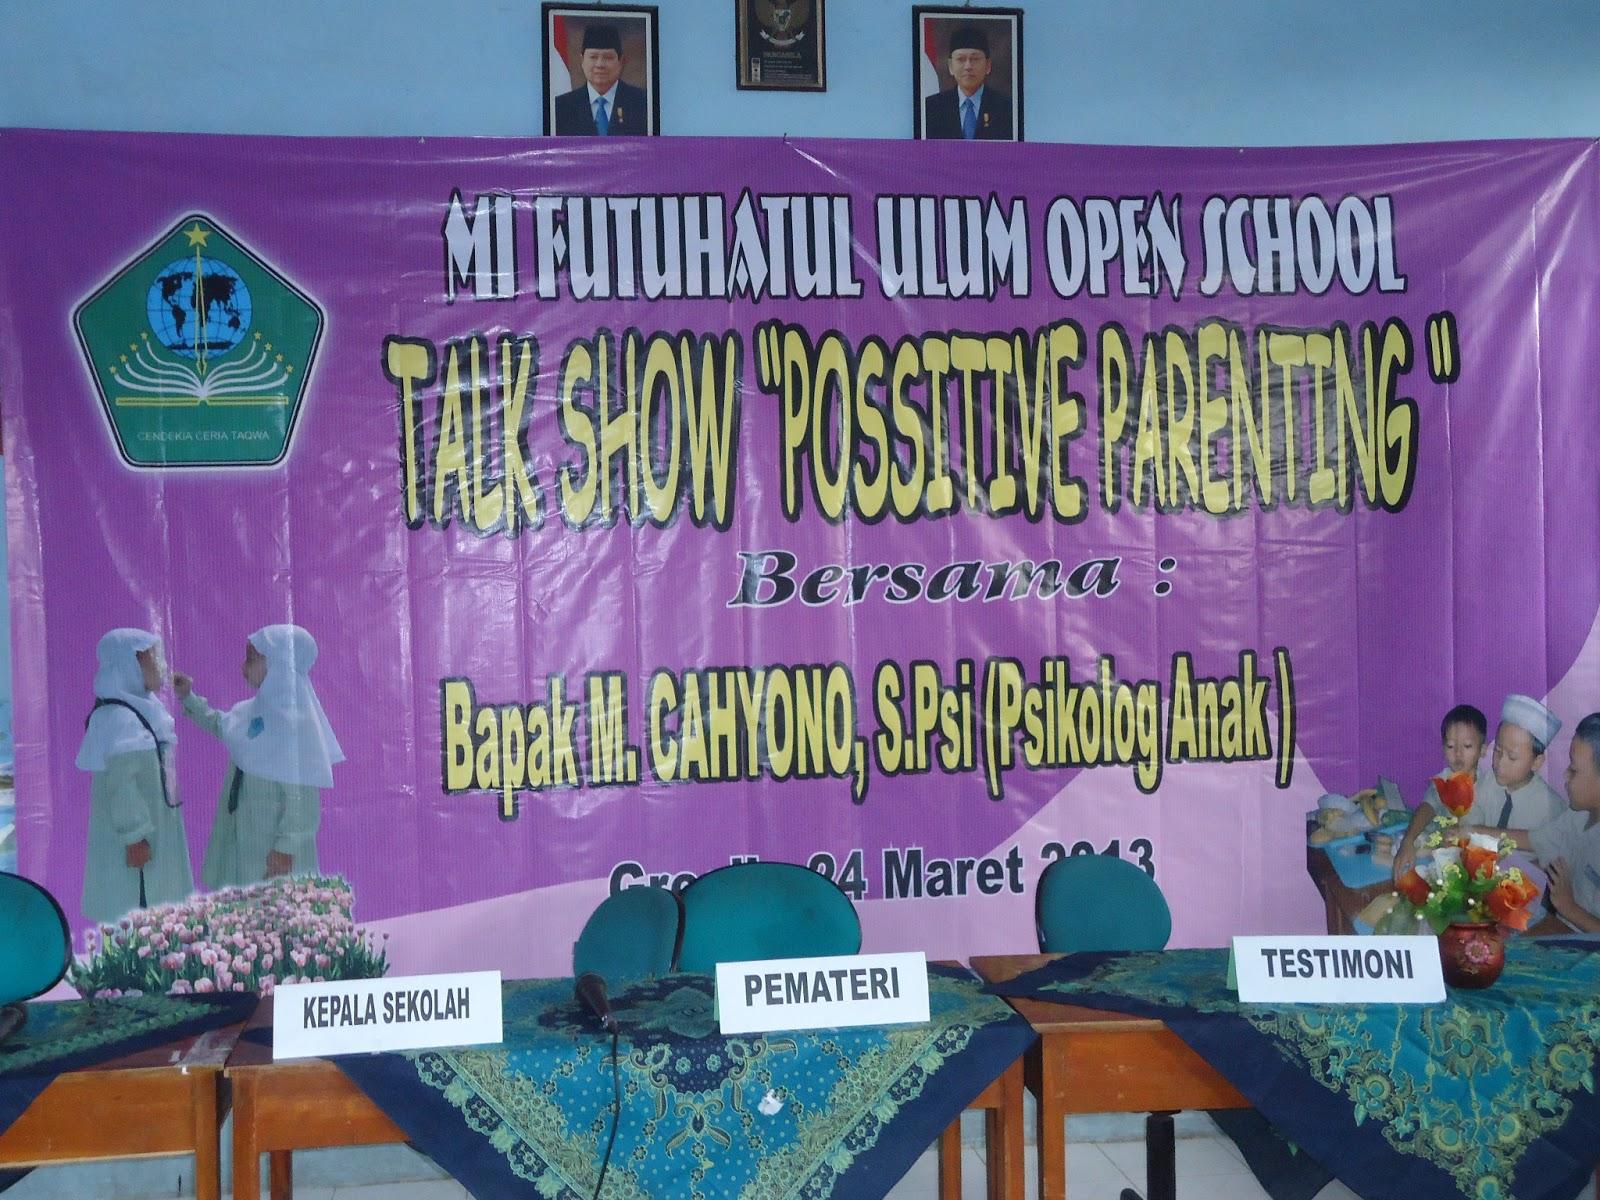 """MI Futuhatul Ulum menggelar Open School yang diisi oleh berbagai acara menarik antara lain Lomba Mewarnai Children Talent Show """"Parade Musik Seruling"""